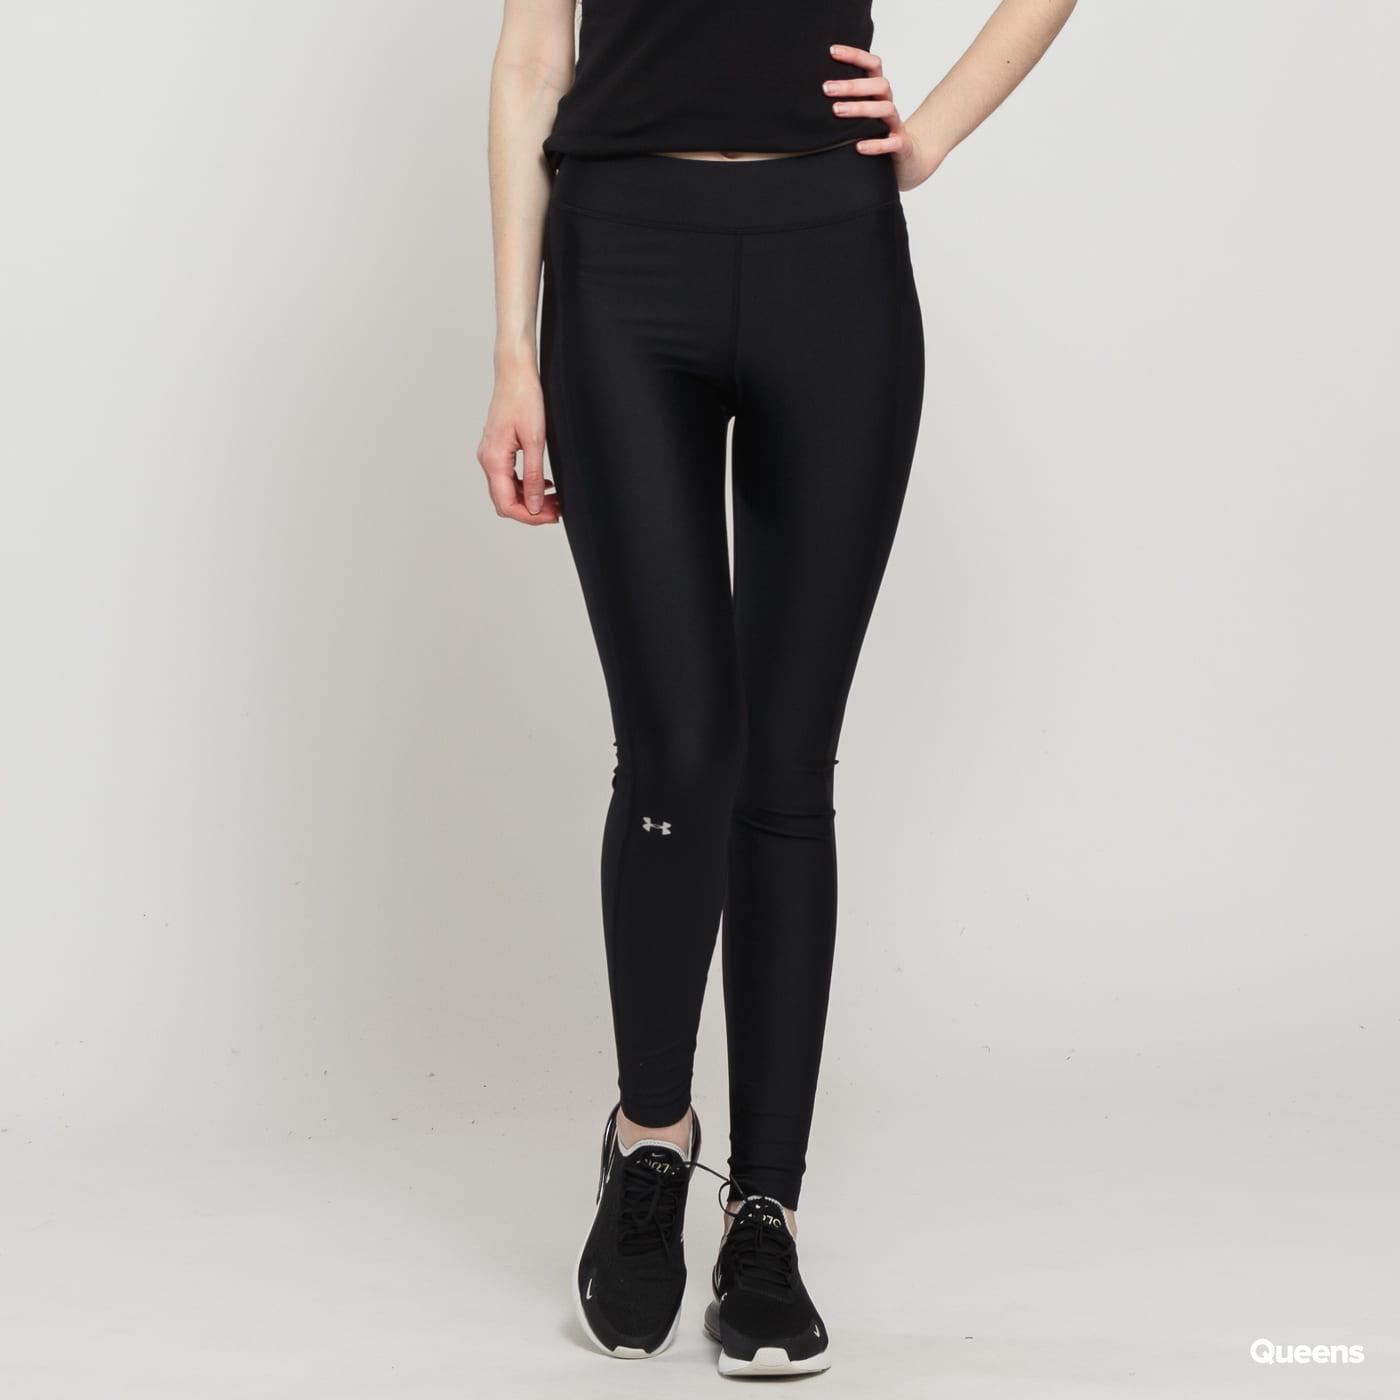 054a95469a17f Leggings Under Armour HeatGear Armour Legging black (1309631-001) – Queens  💚